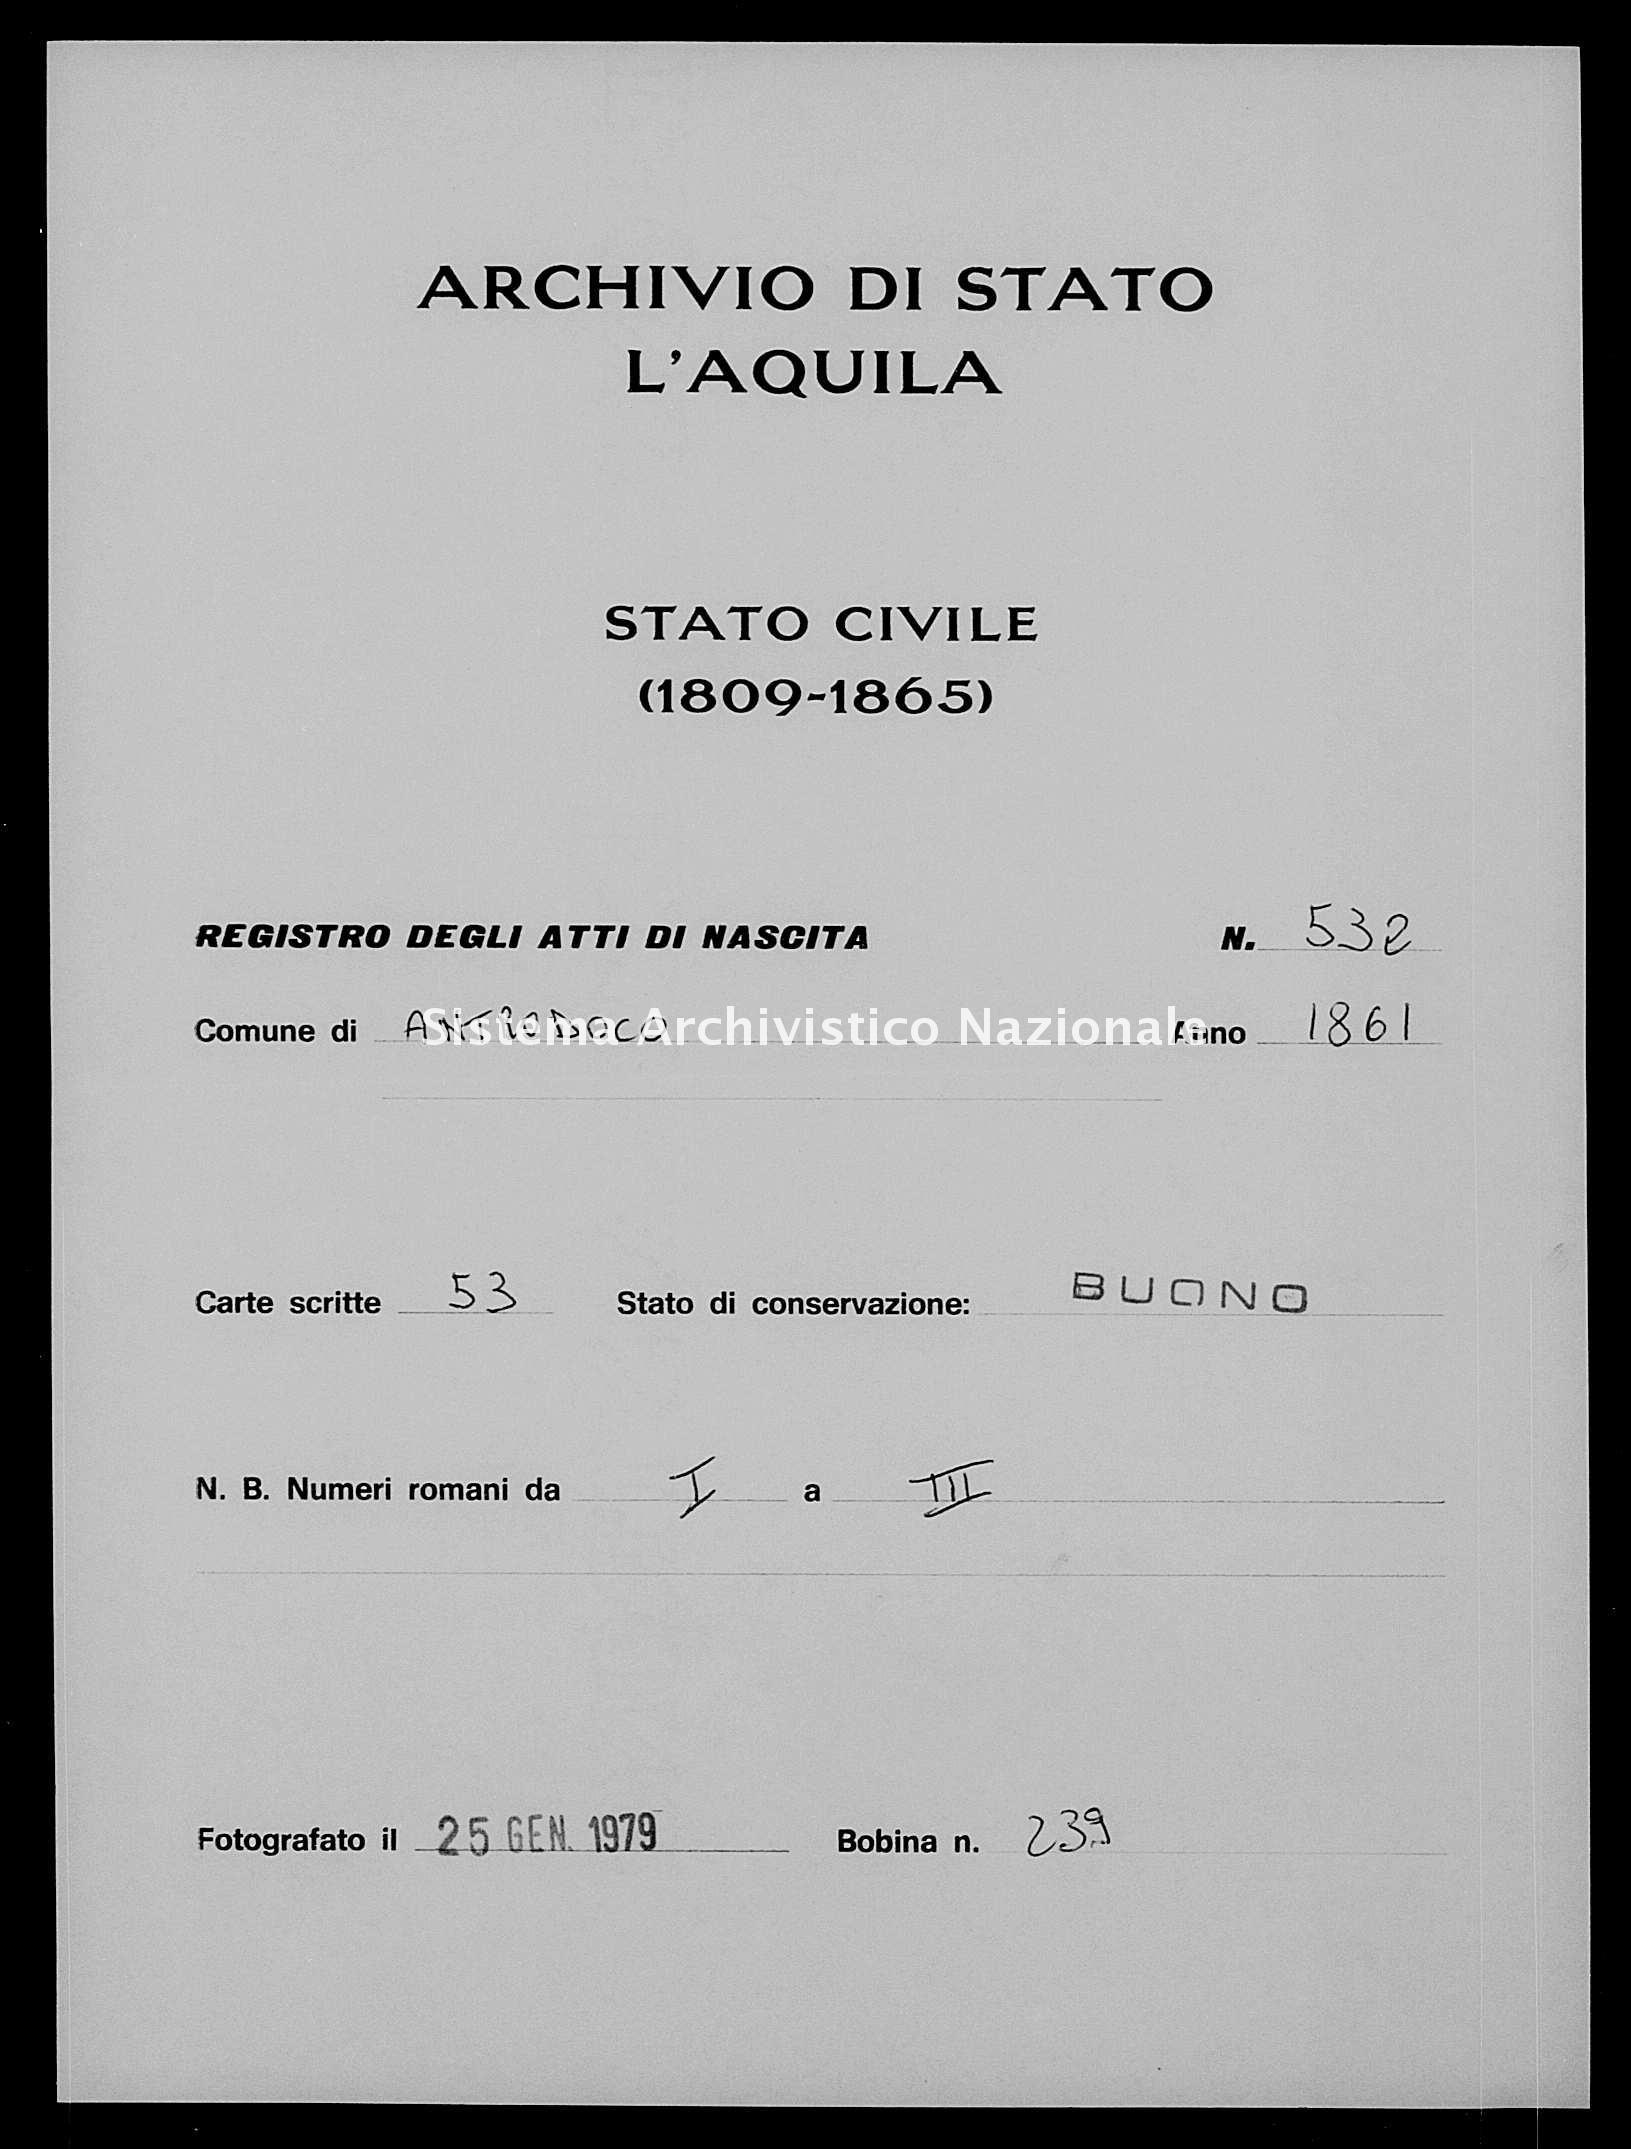 Archivio di stato di L'aquila - Stato civile italiano - Antrodoco - Nati - 1861 - 532 -